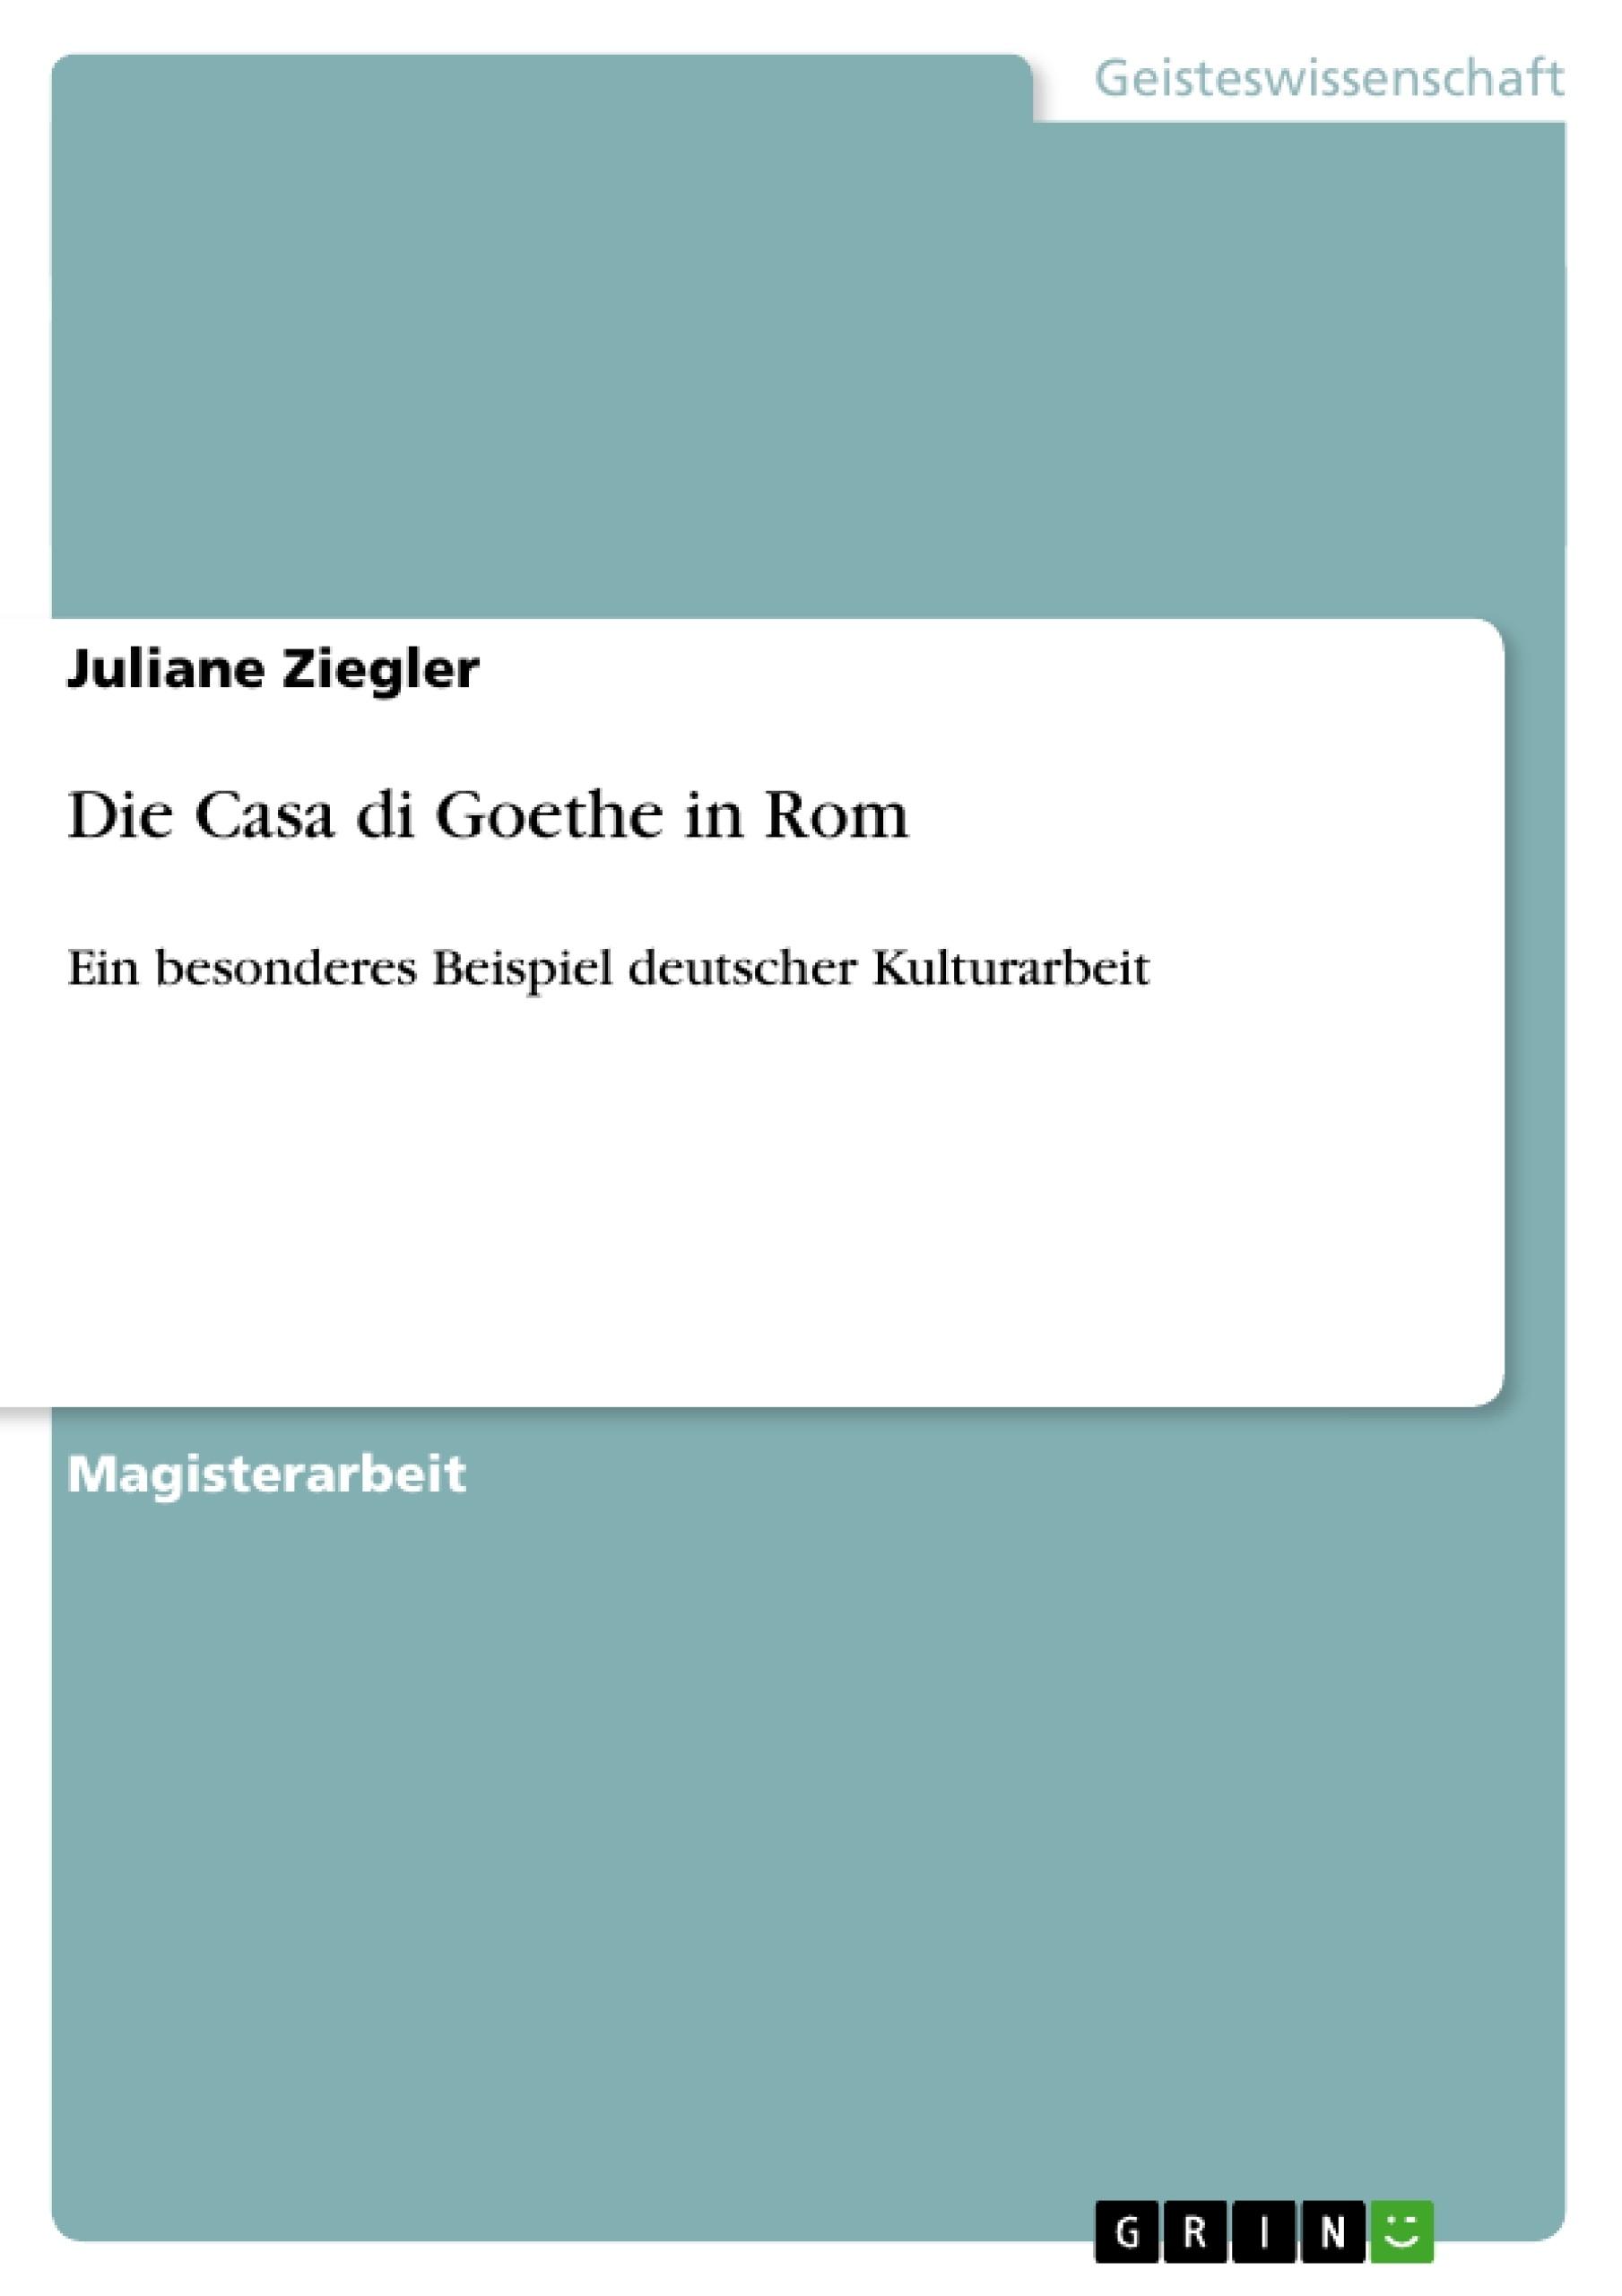 Titel: Die Casa di Goethe in Rom